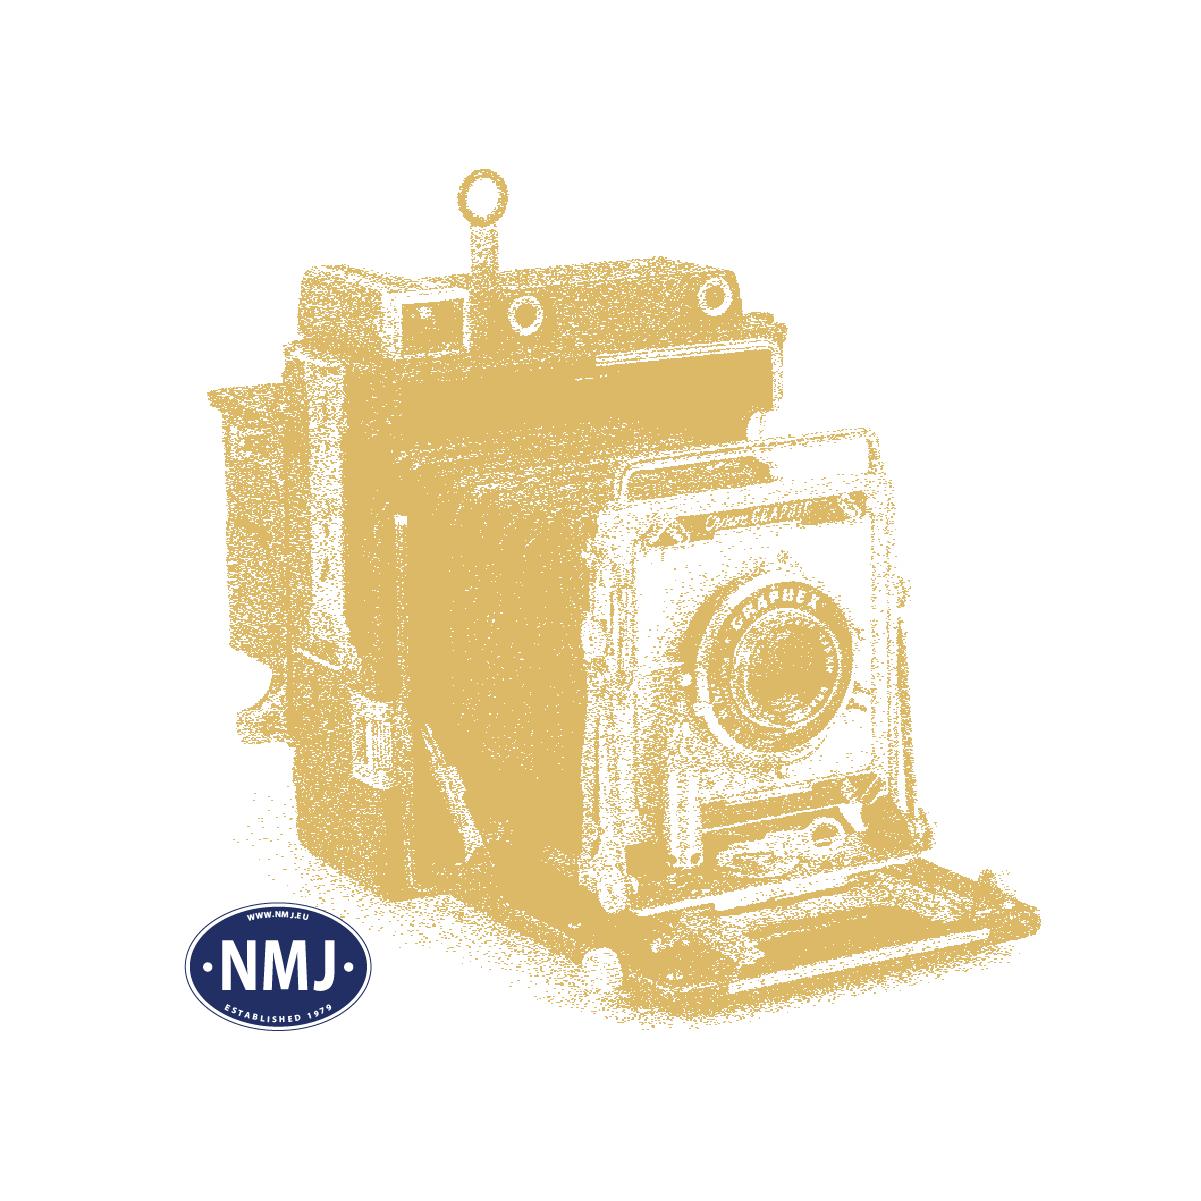 NMJT70004 - NMJ Topline SJ Mas Malmvognsett #1, Svensk Type, m/ Last